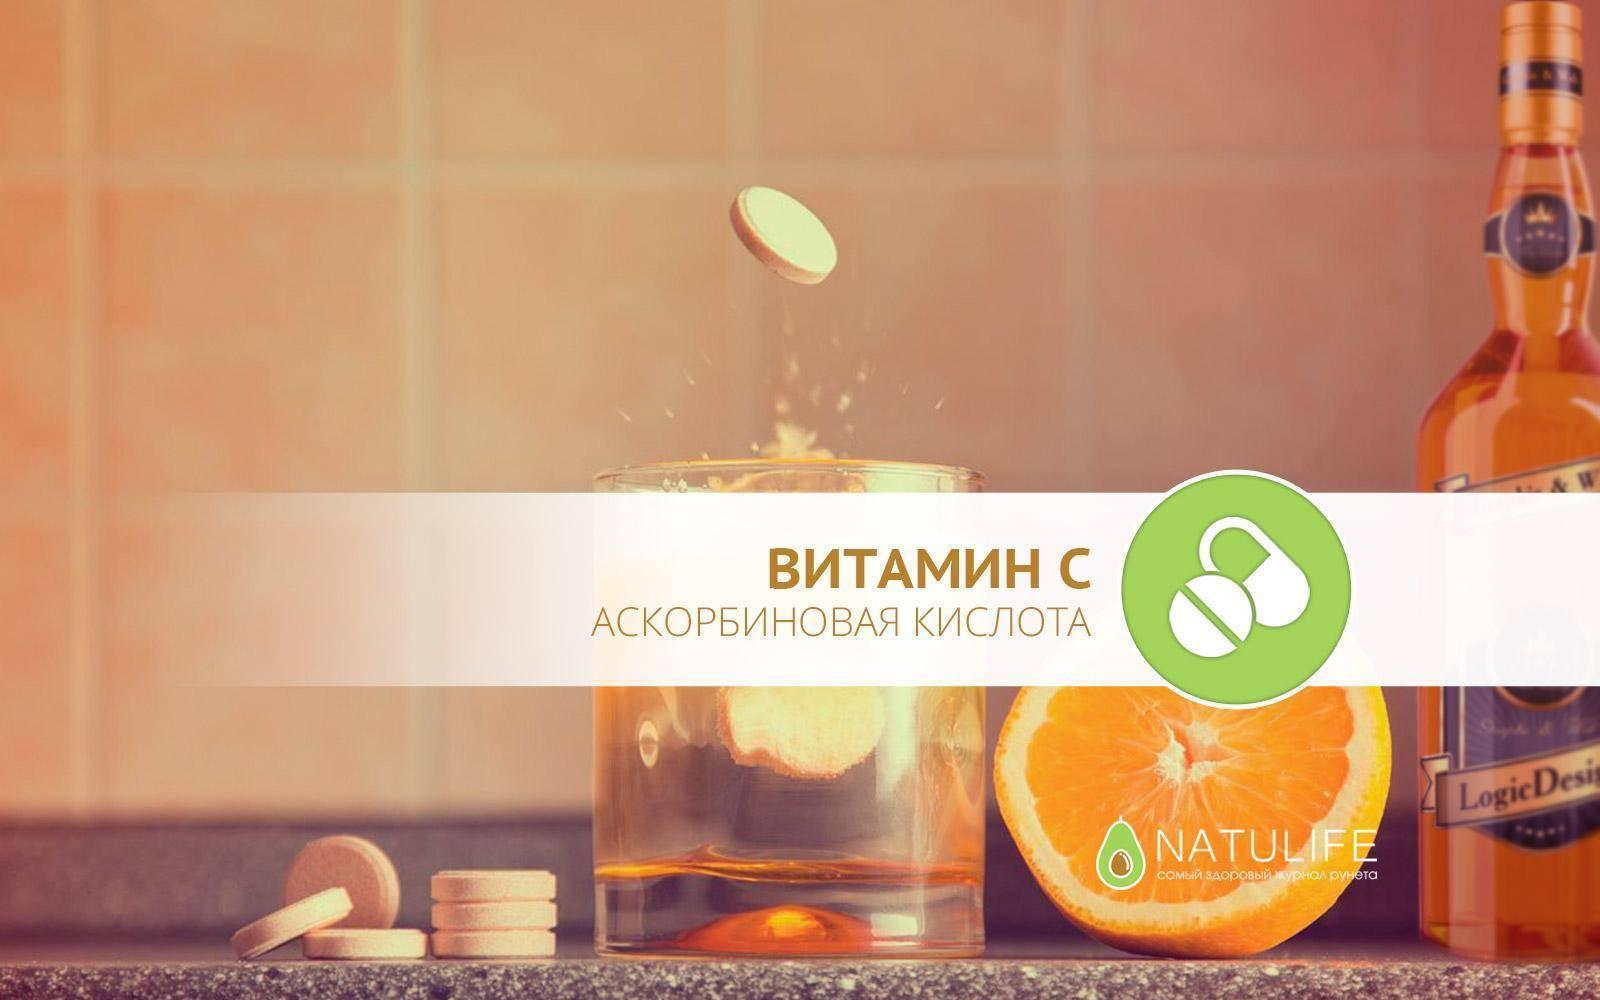 Витамин с от похмелья помогает: витамин в6 с похмелья